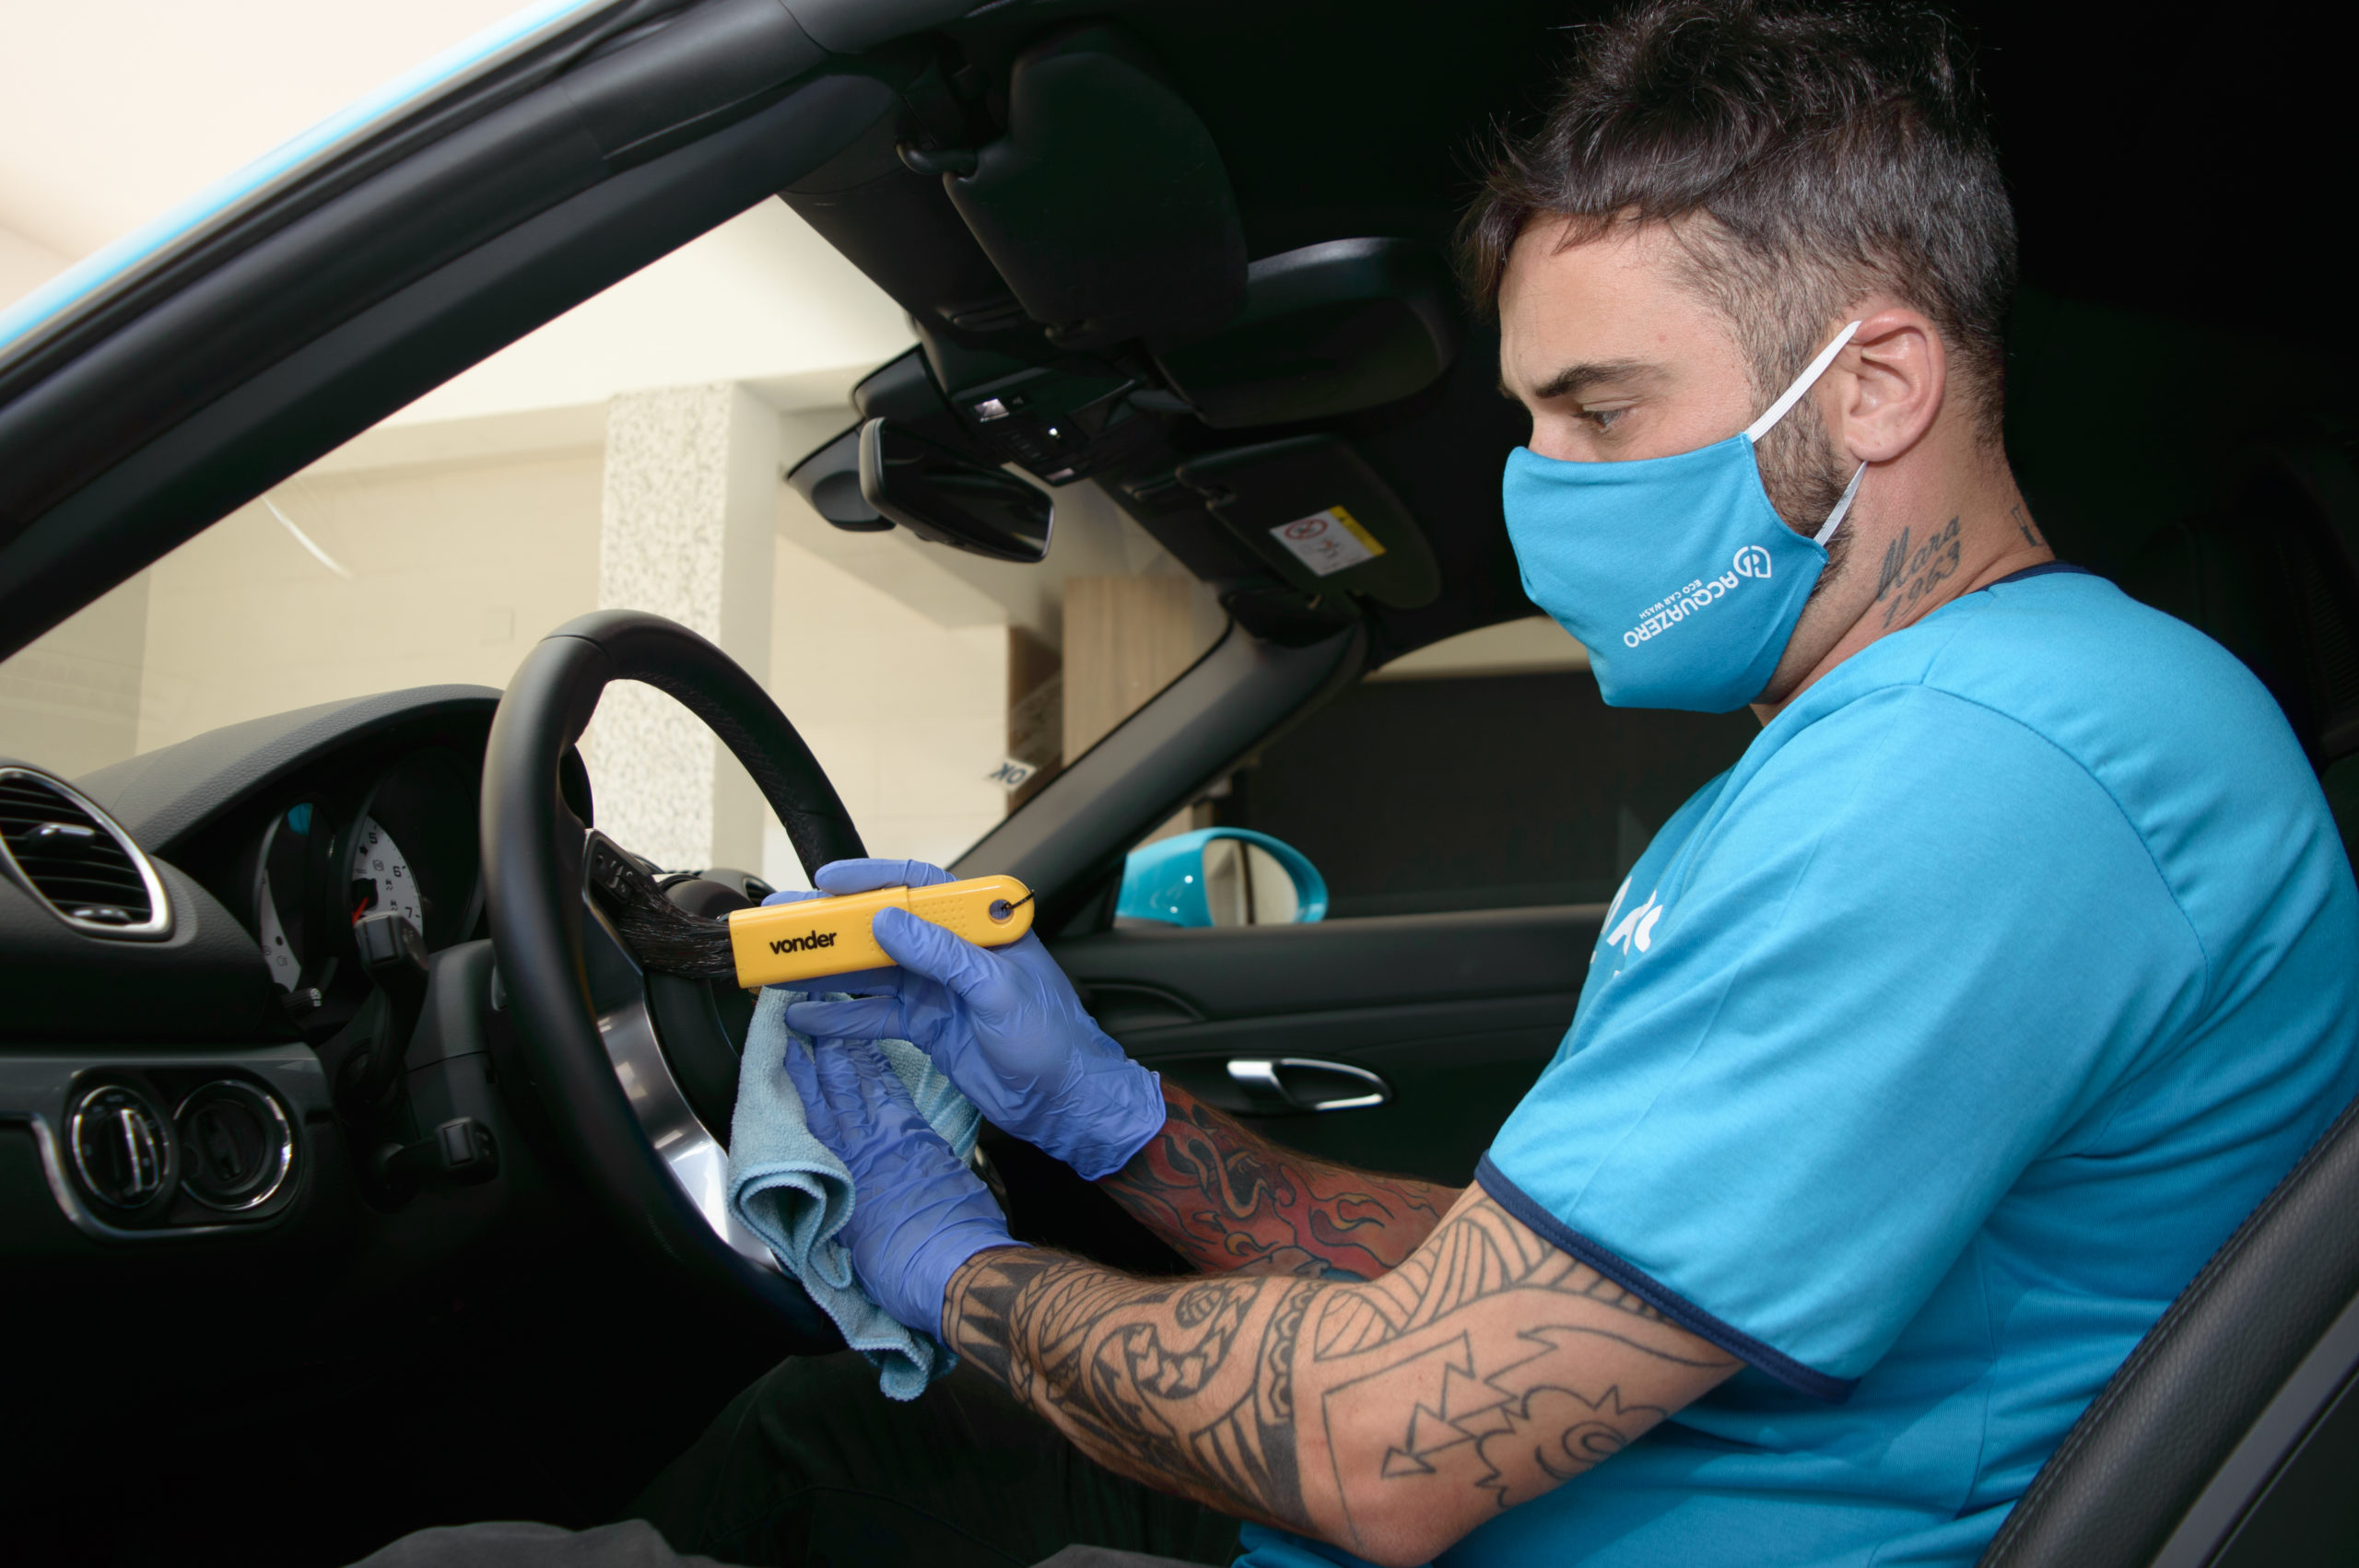 Vemos um técnico da Acquazero limpando o volante de um carro (imagem ilustrativa).